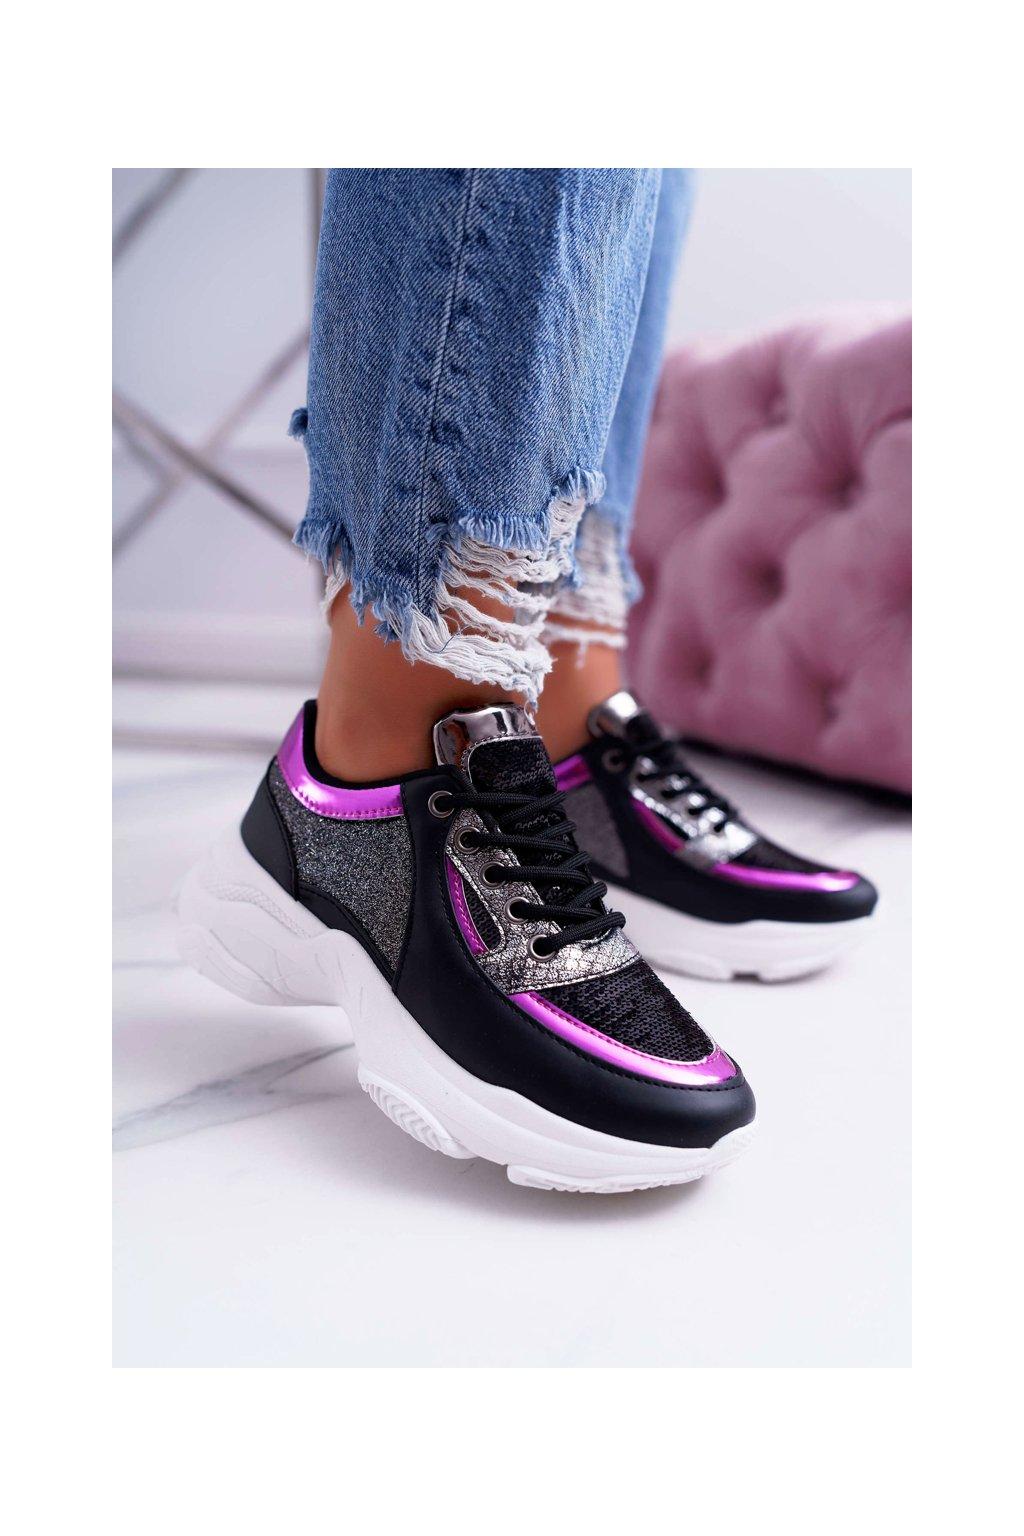 Dámska športová obuv s hrubou Podrážkou lesklé čierne Ranea